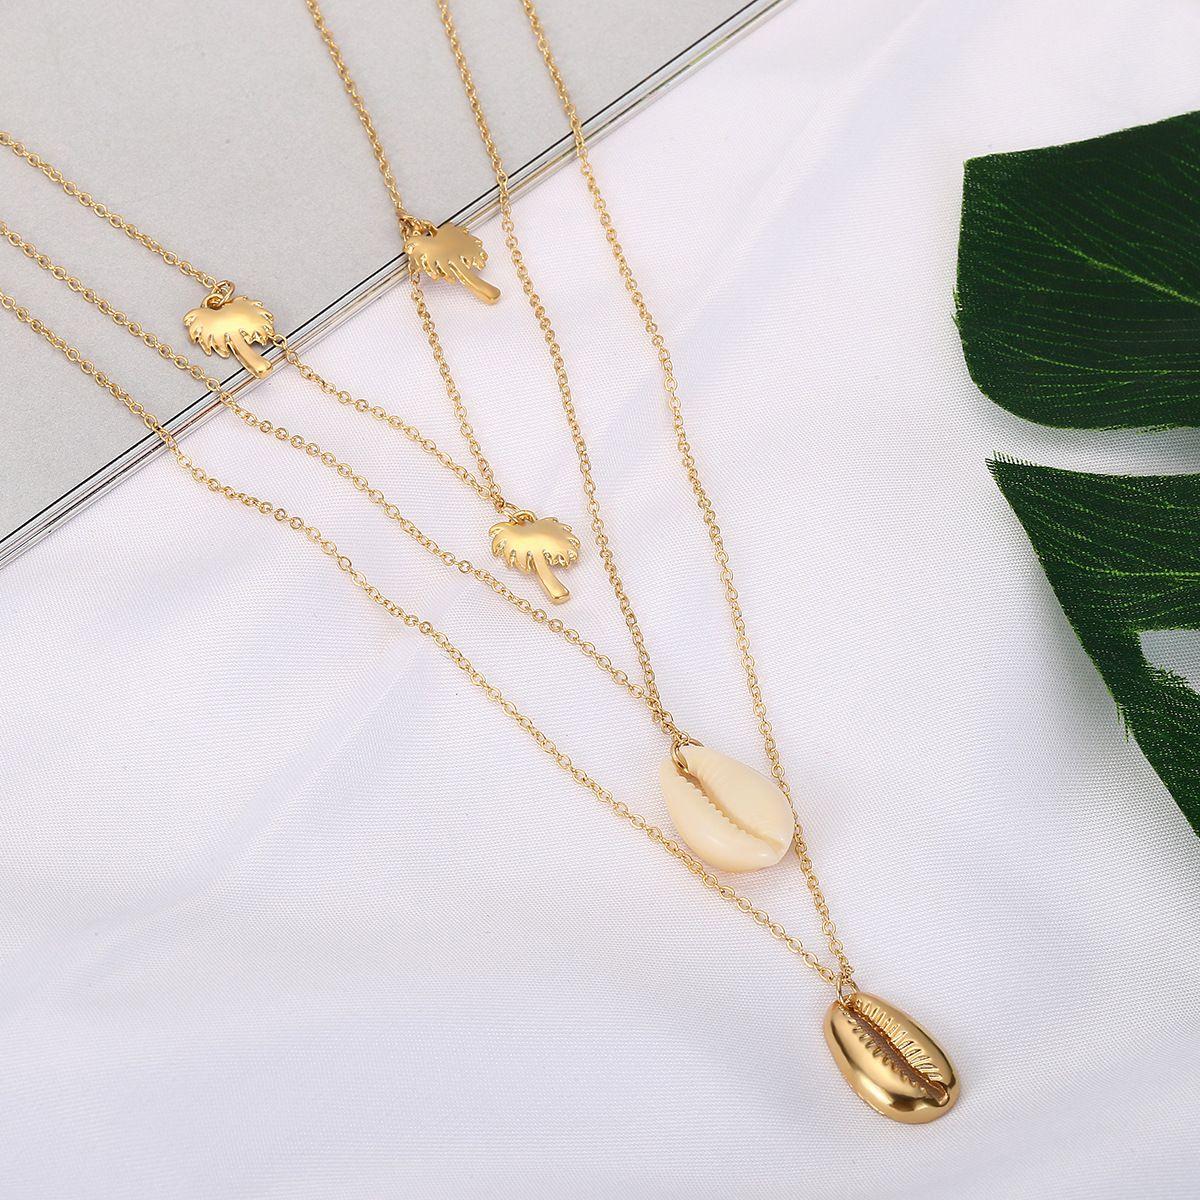 gioielli transfrontaliera creativo versatile Haipai accessori geometrici donne semplice ciondolo albero di noce di cocco collana multi-layer